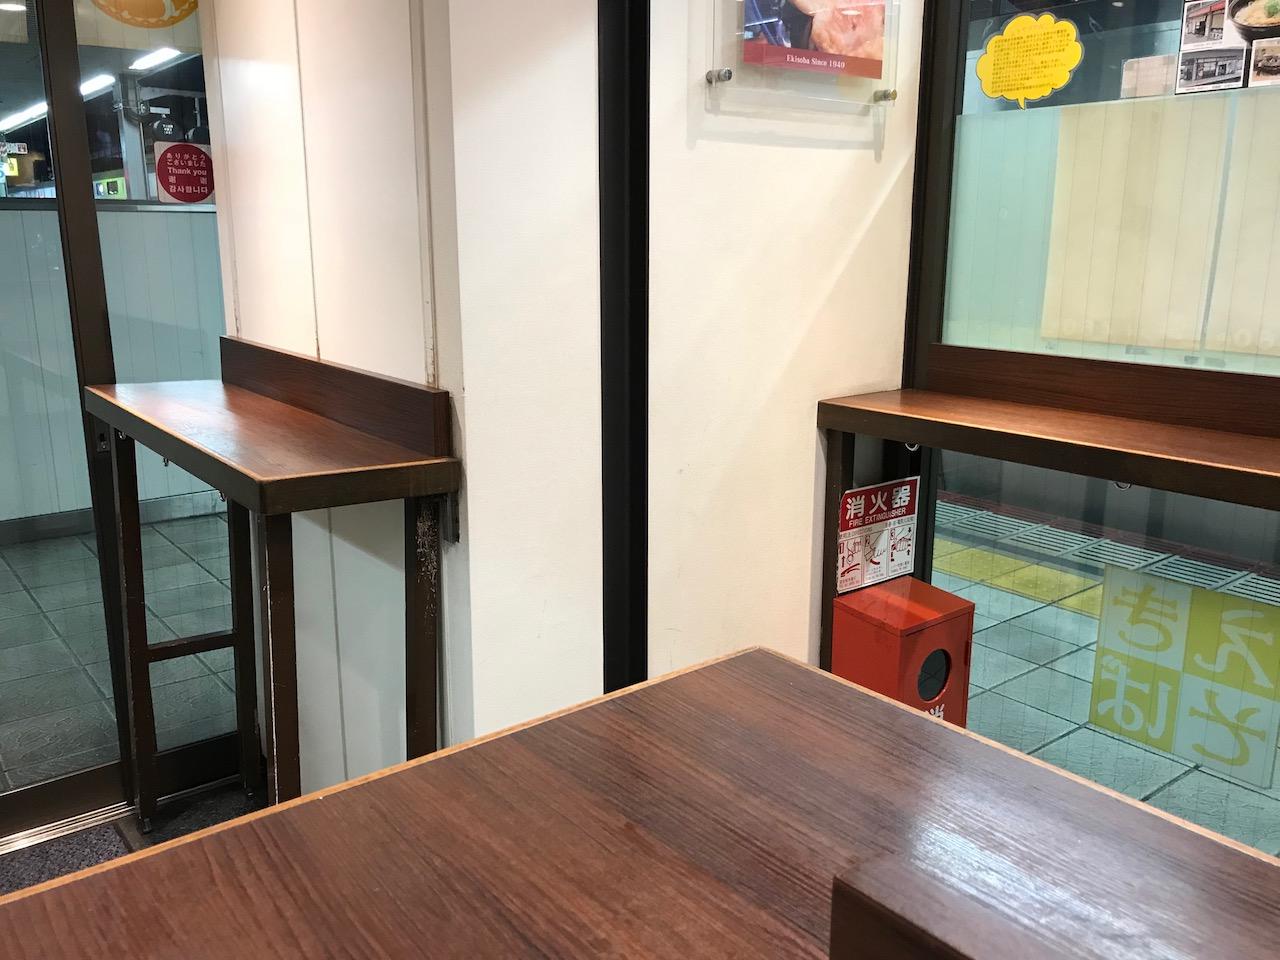 電車の待ち時間は姫路駅名物のえきそばに決定!駅のホームでスピーディーにそばとうどん食べられます